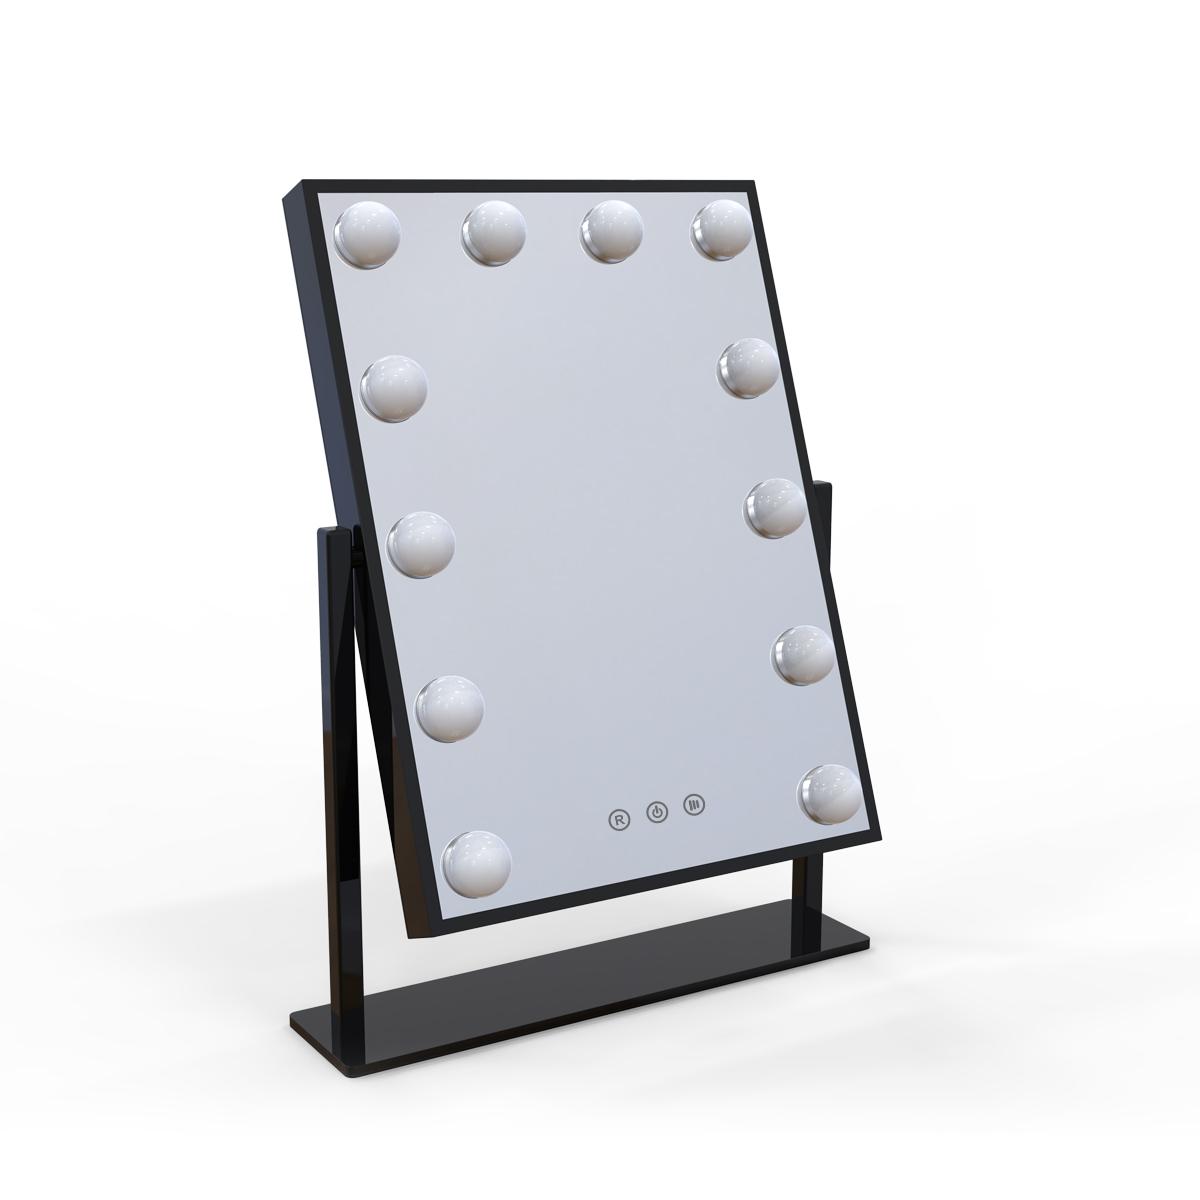 Зеркало гримерное настольное DP330 (черный) - изображение